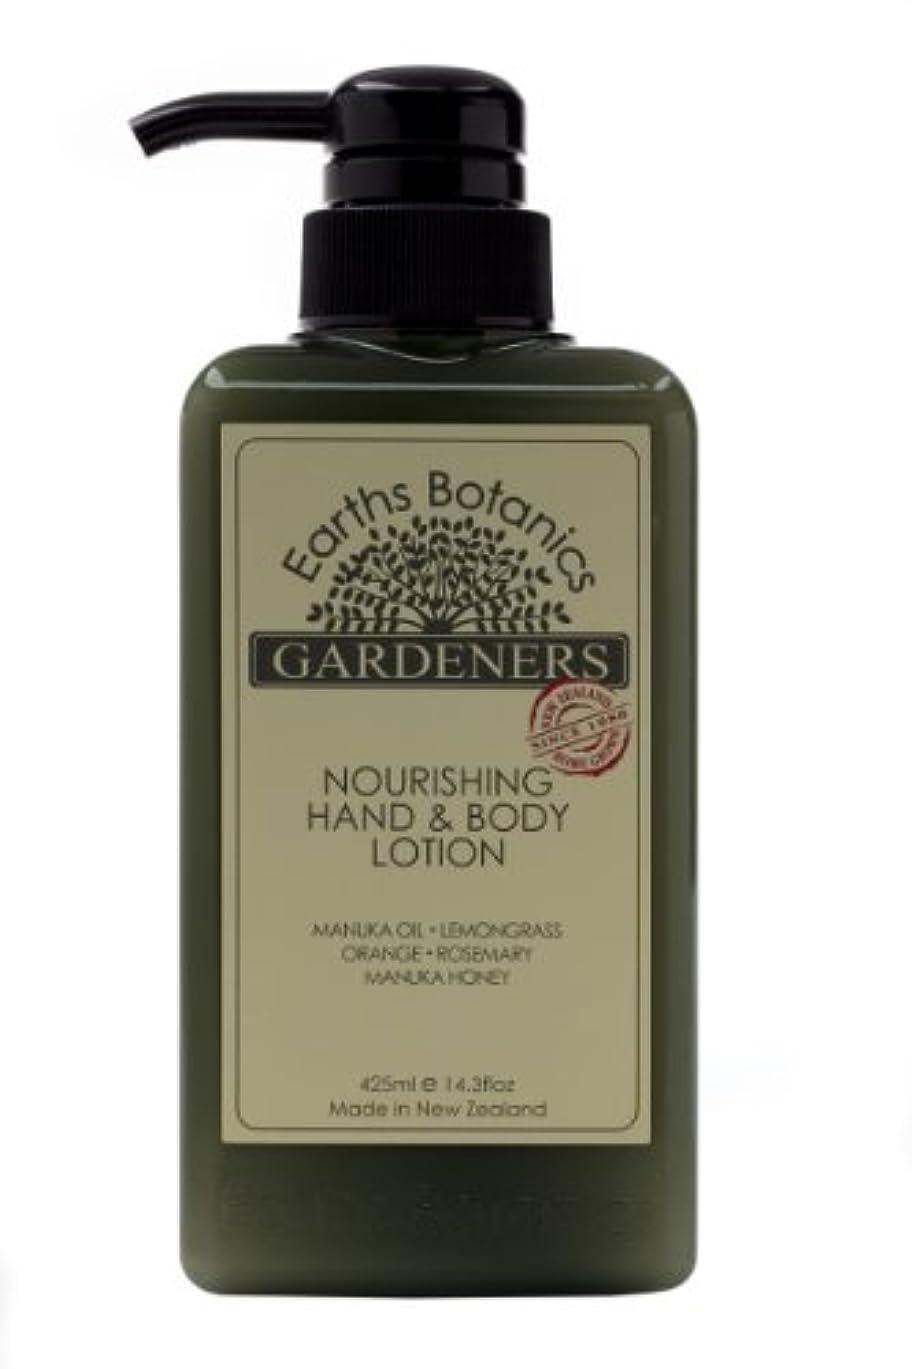 くびれた概要生むEarths Botanics GARDENERS(ガーデナーズ) ナリシングハンド&ボディローション 425ml